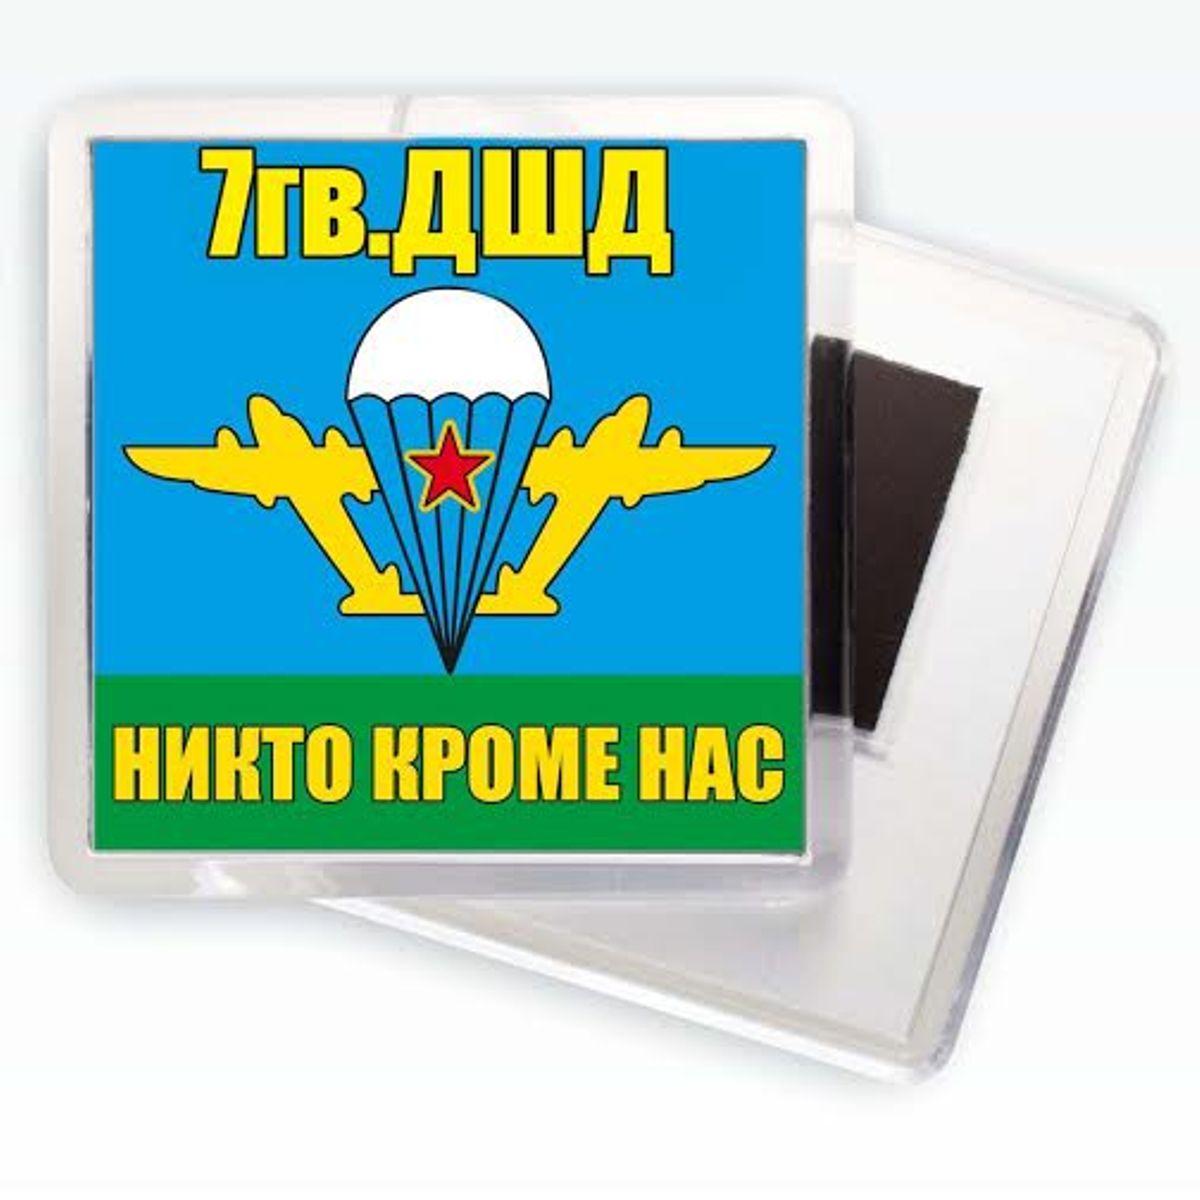 Магнитик «7 гв. ДШД ВДВ»